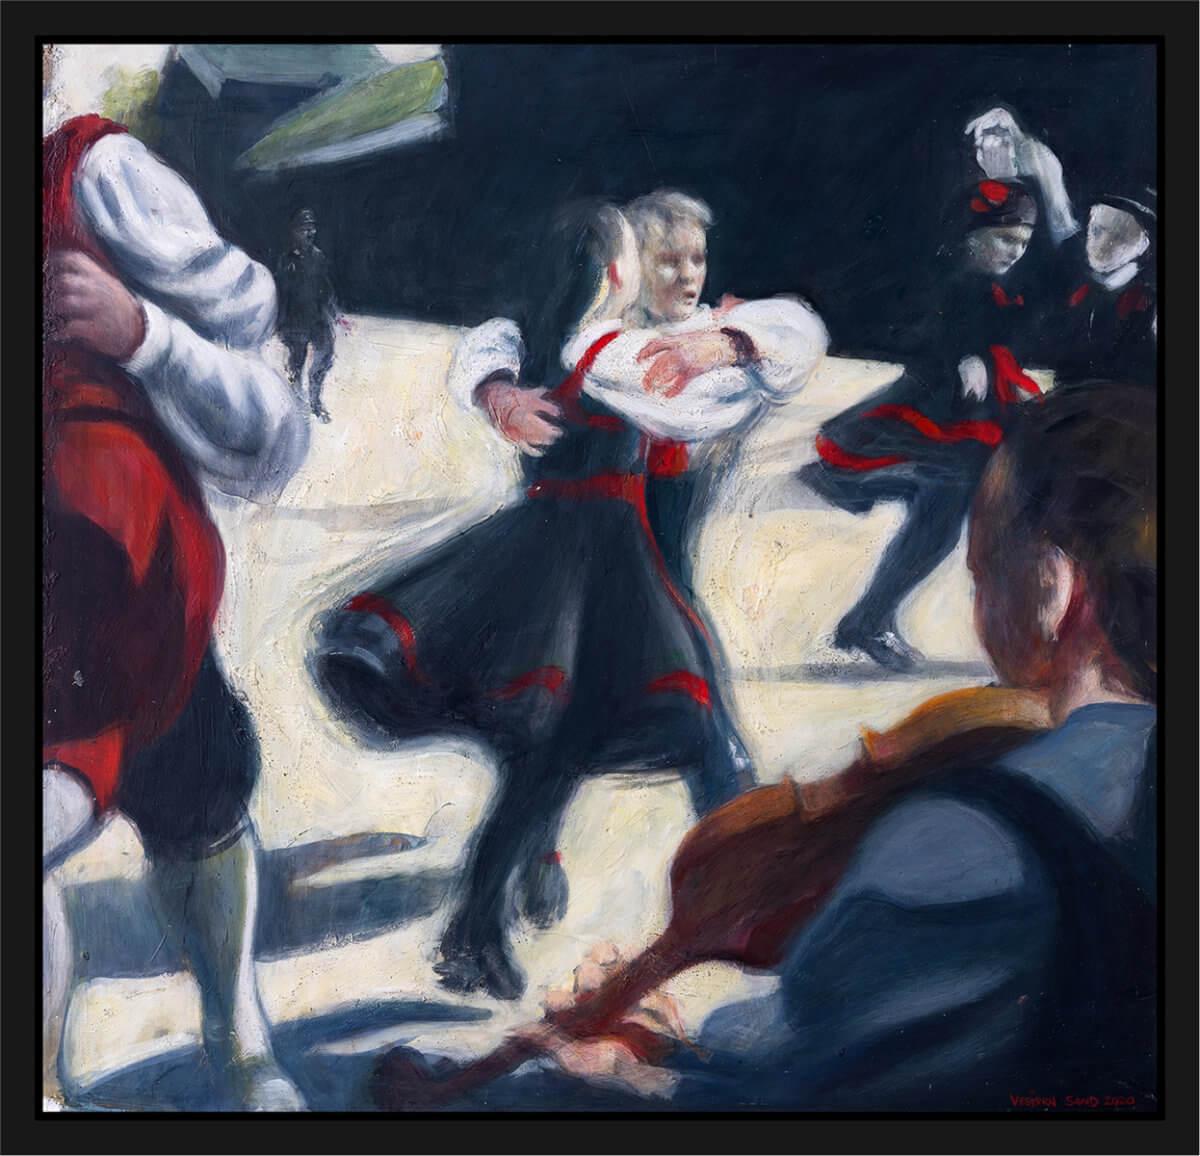 Folkedans mens en tysk soldat nærmer seg. Håndkolorert grafikk av Vebjørn Sand. Akryl på plate, maleri av Vebjørn Sand.